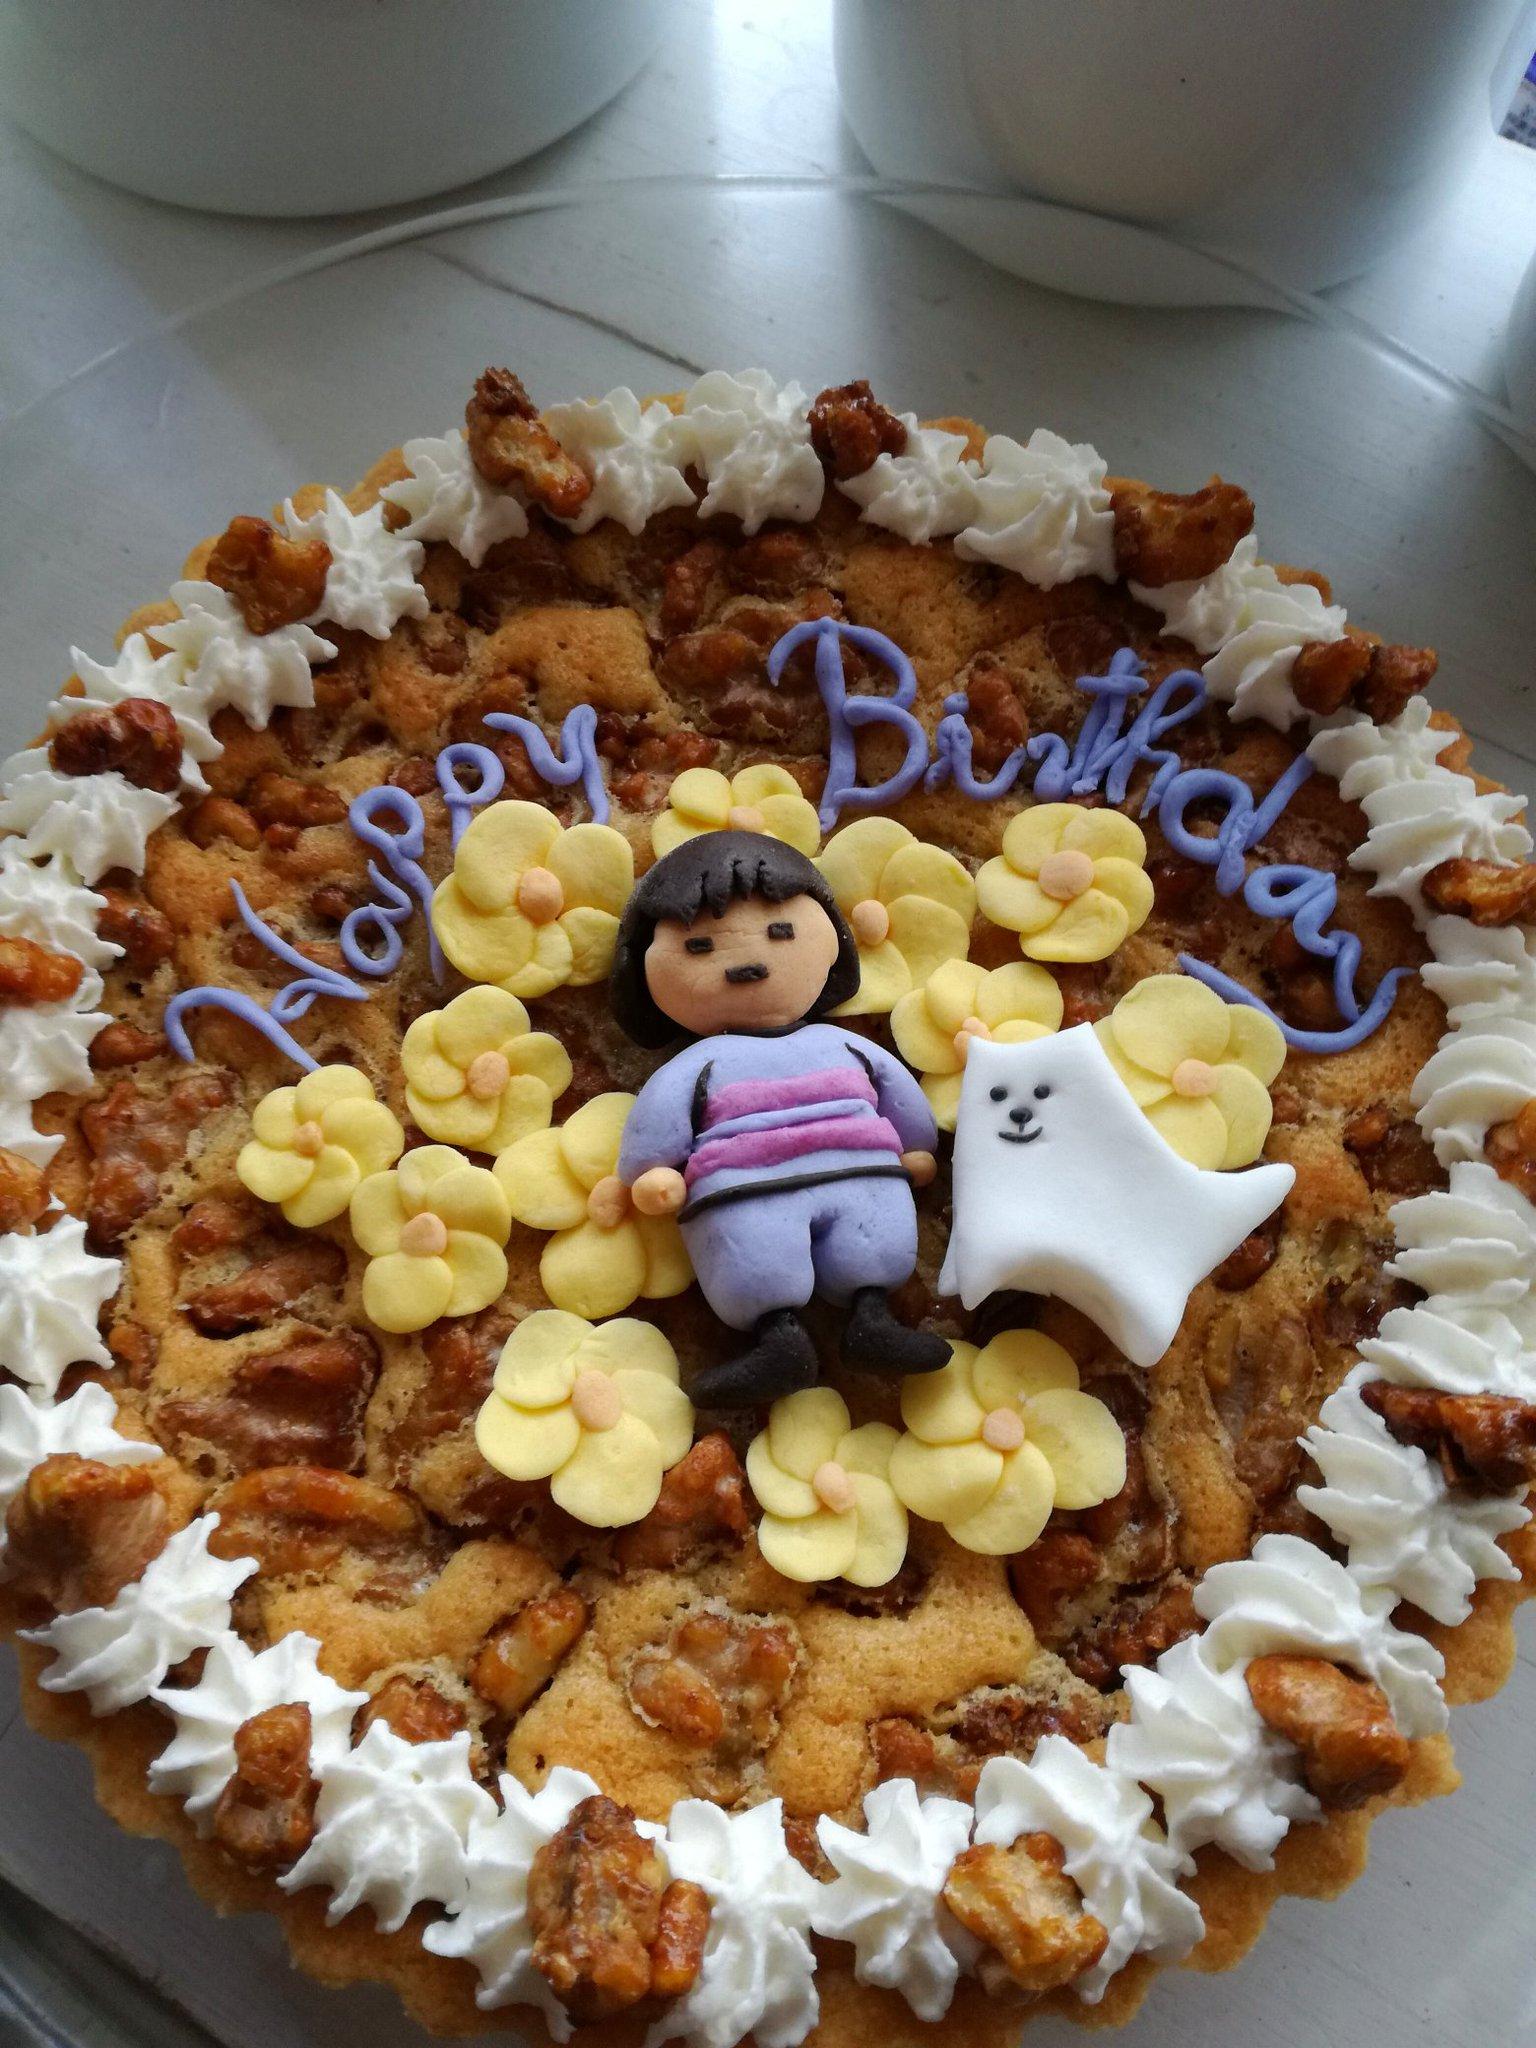 誕生日に母にケーキの設計図を渡すと作ってくれるんですが、これかわいすぎじゃないですか…?